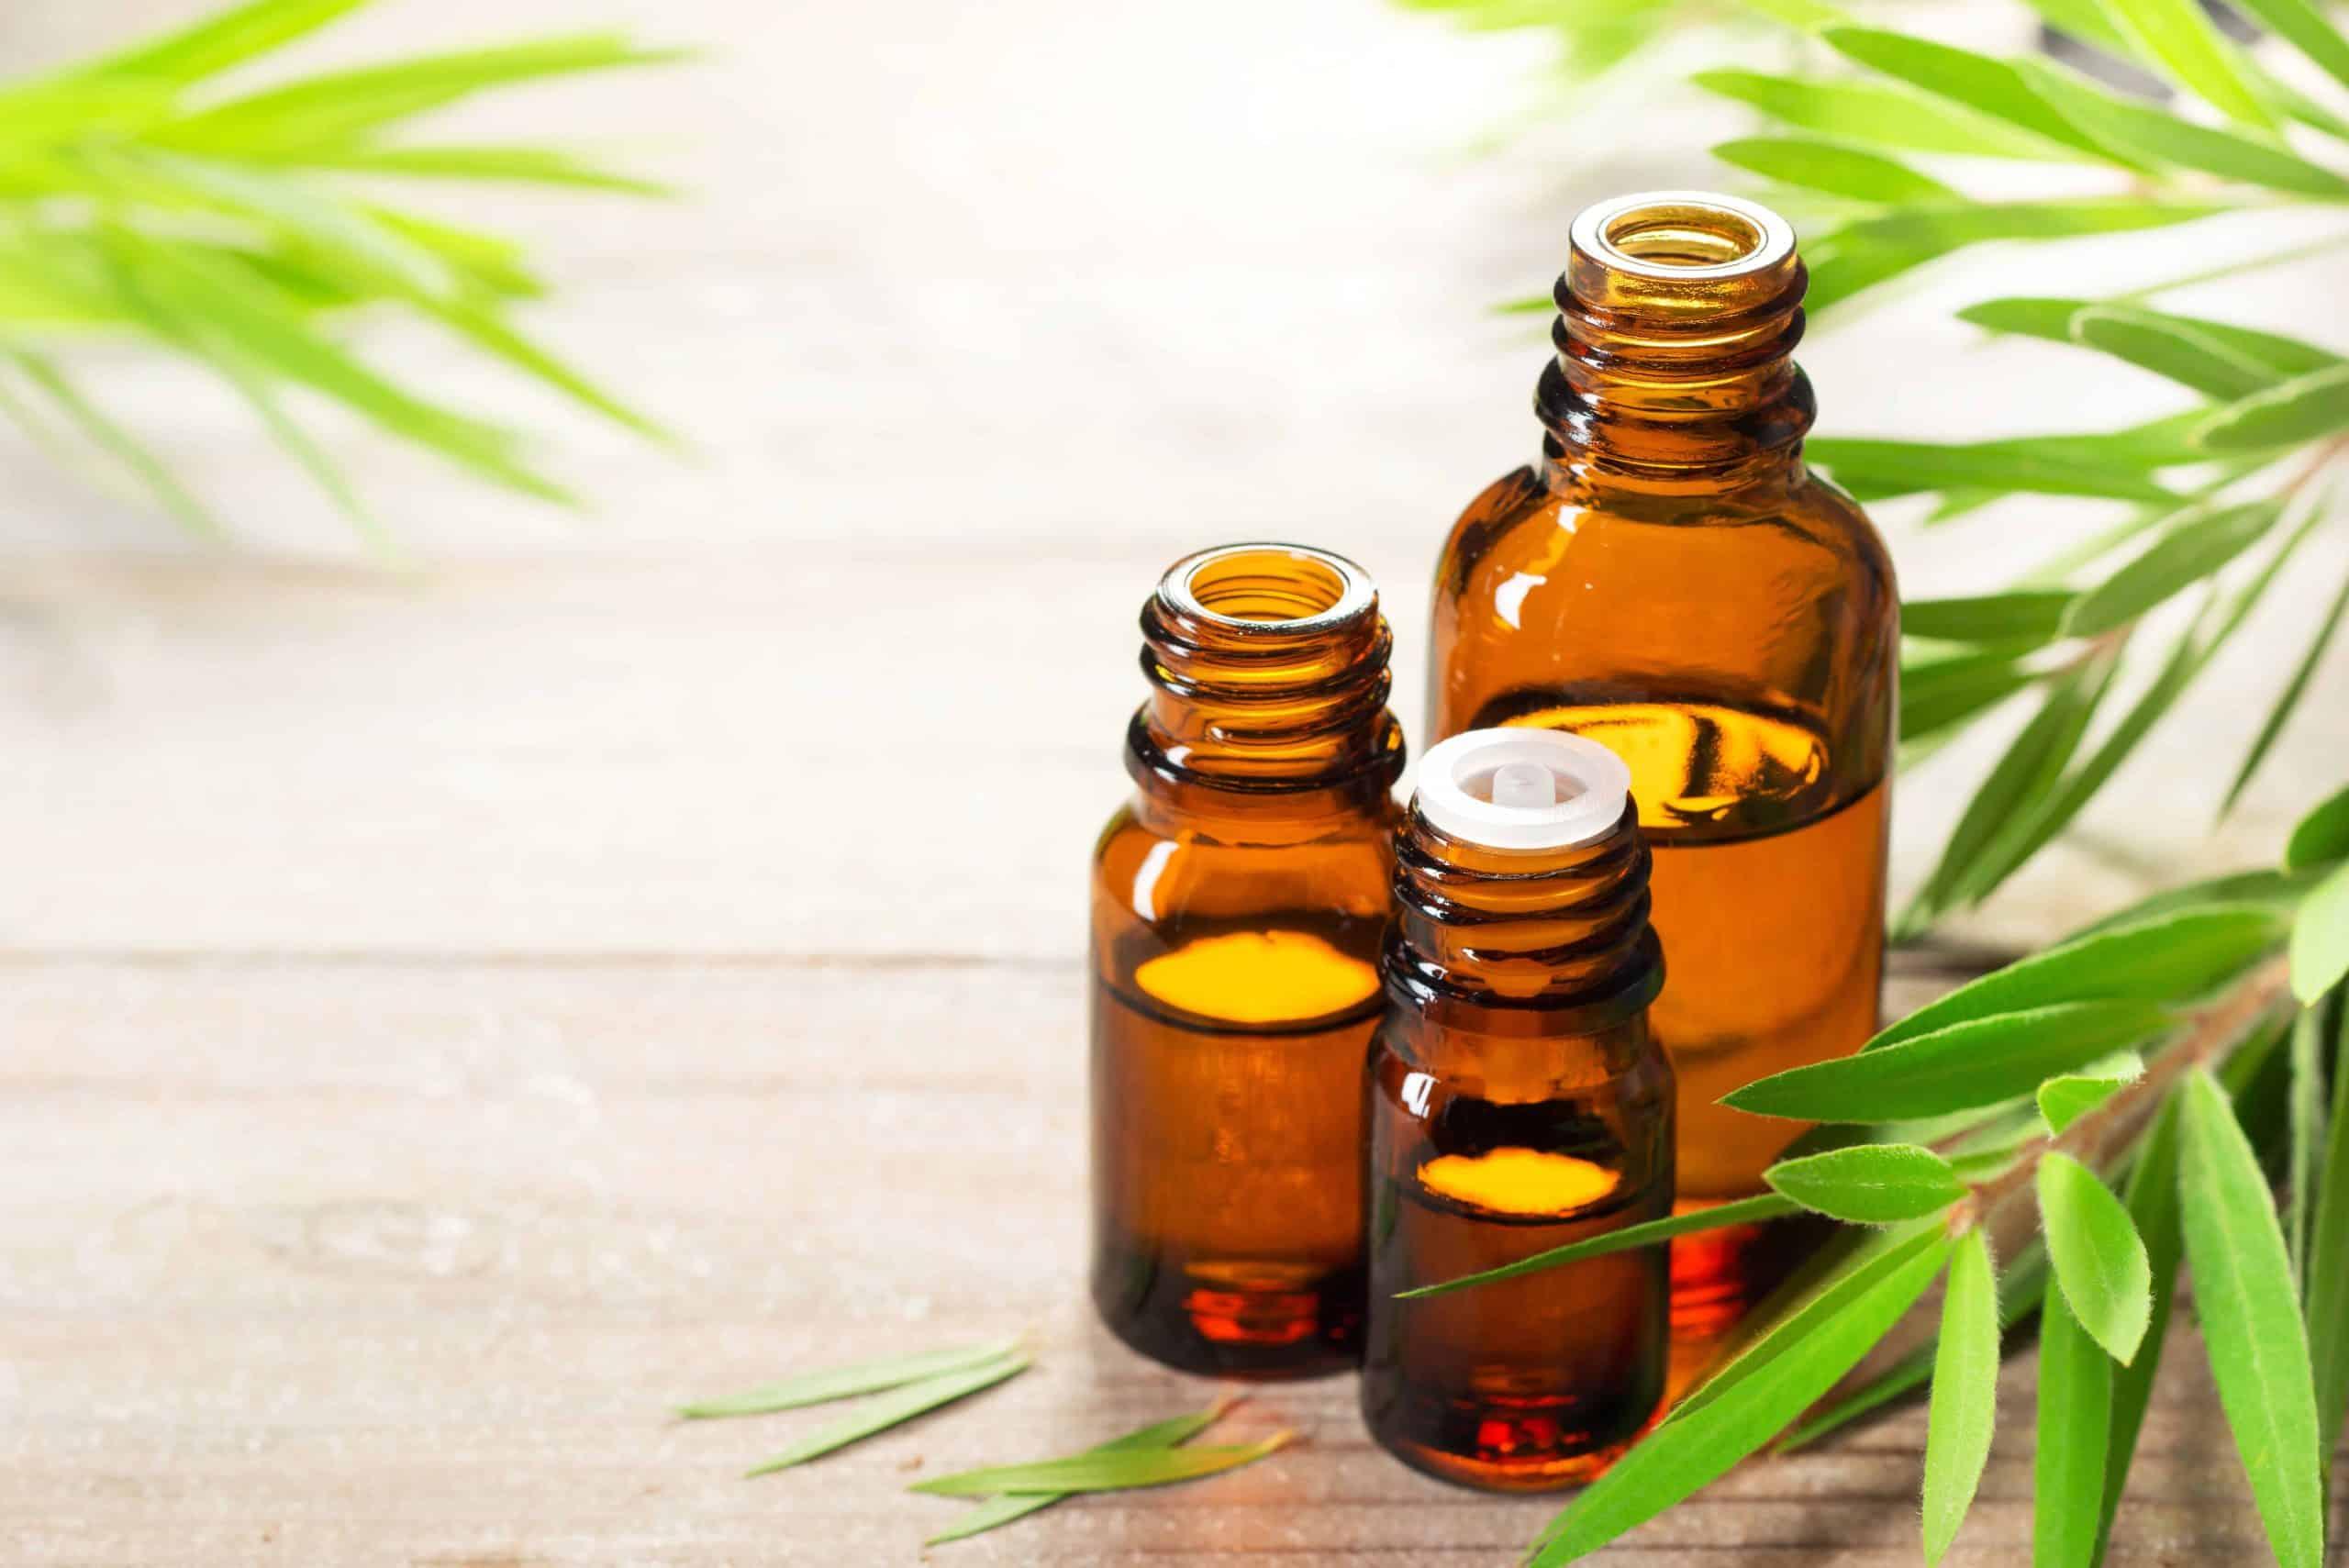 Tea tree oil uses - Healthtenfold